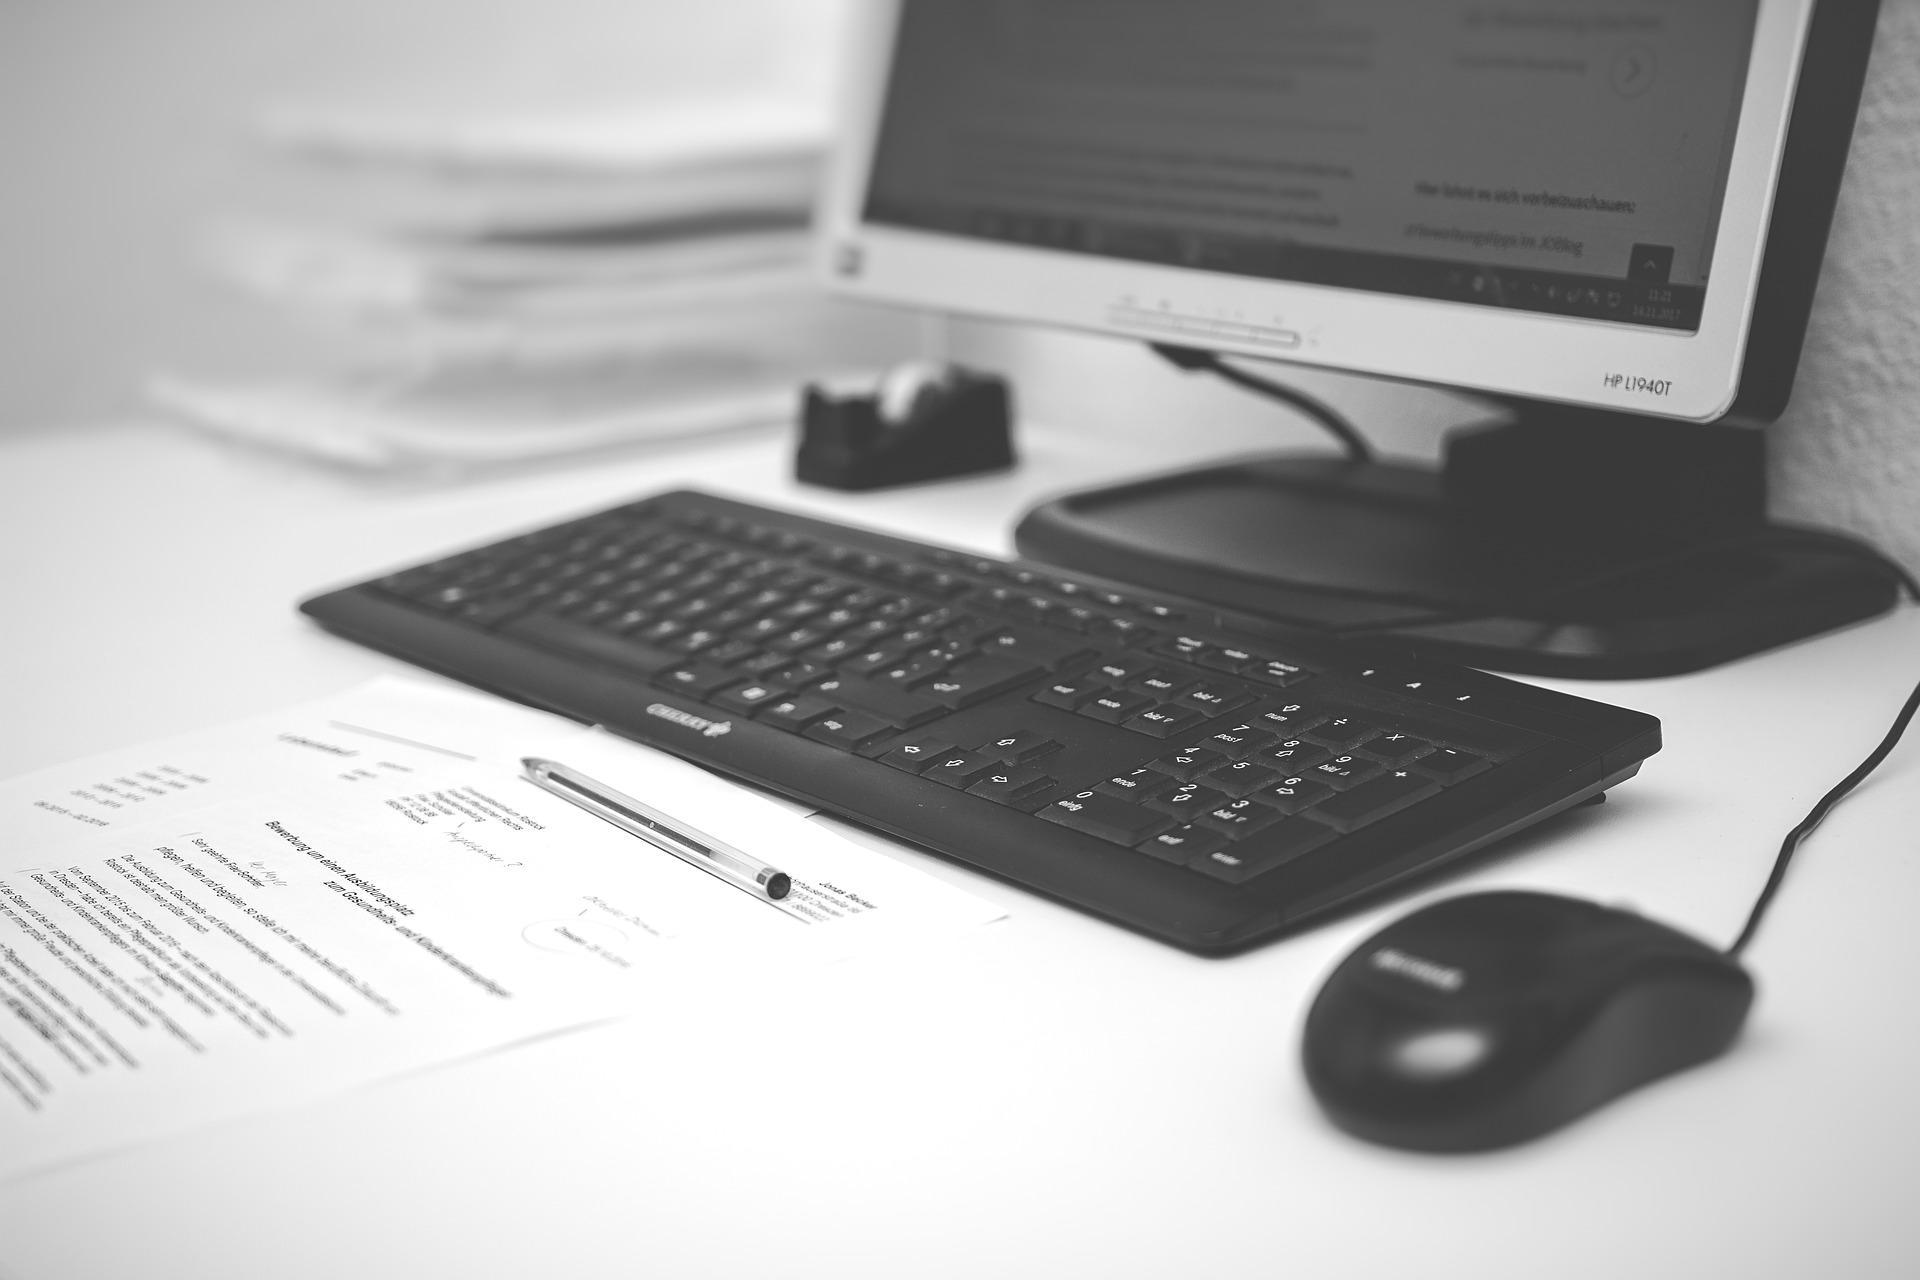 Come ottimizzare il lavoro in officina: l'agenda elettronica